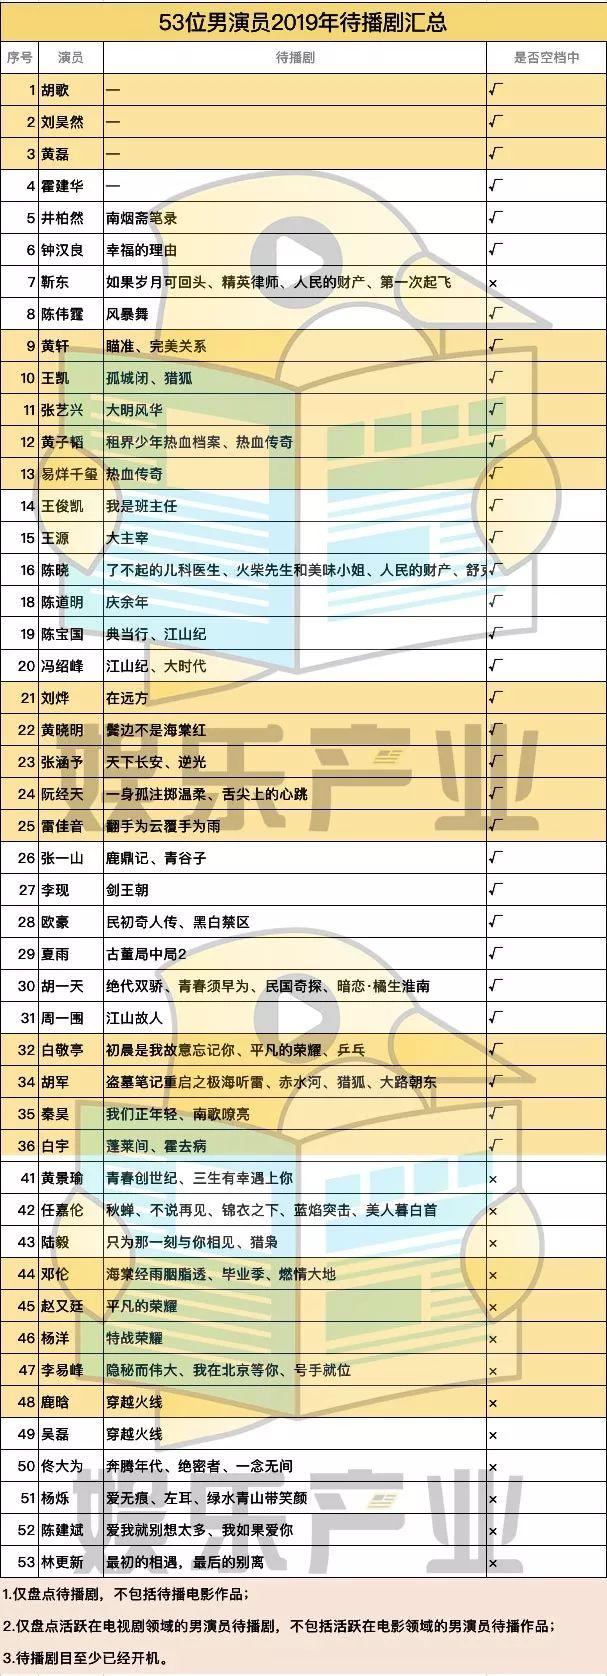 53位中國一線男演員待播劇一覽,35人處于空檔期